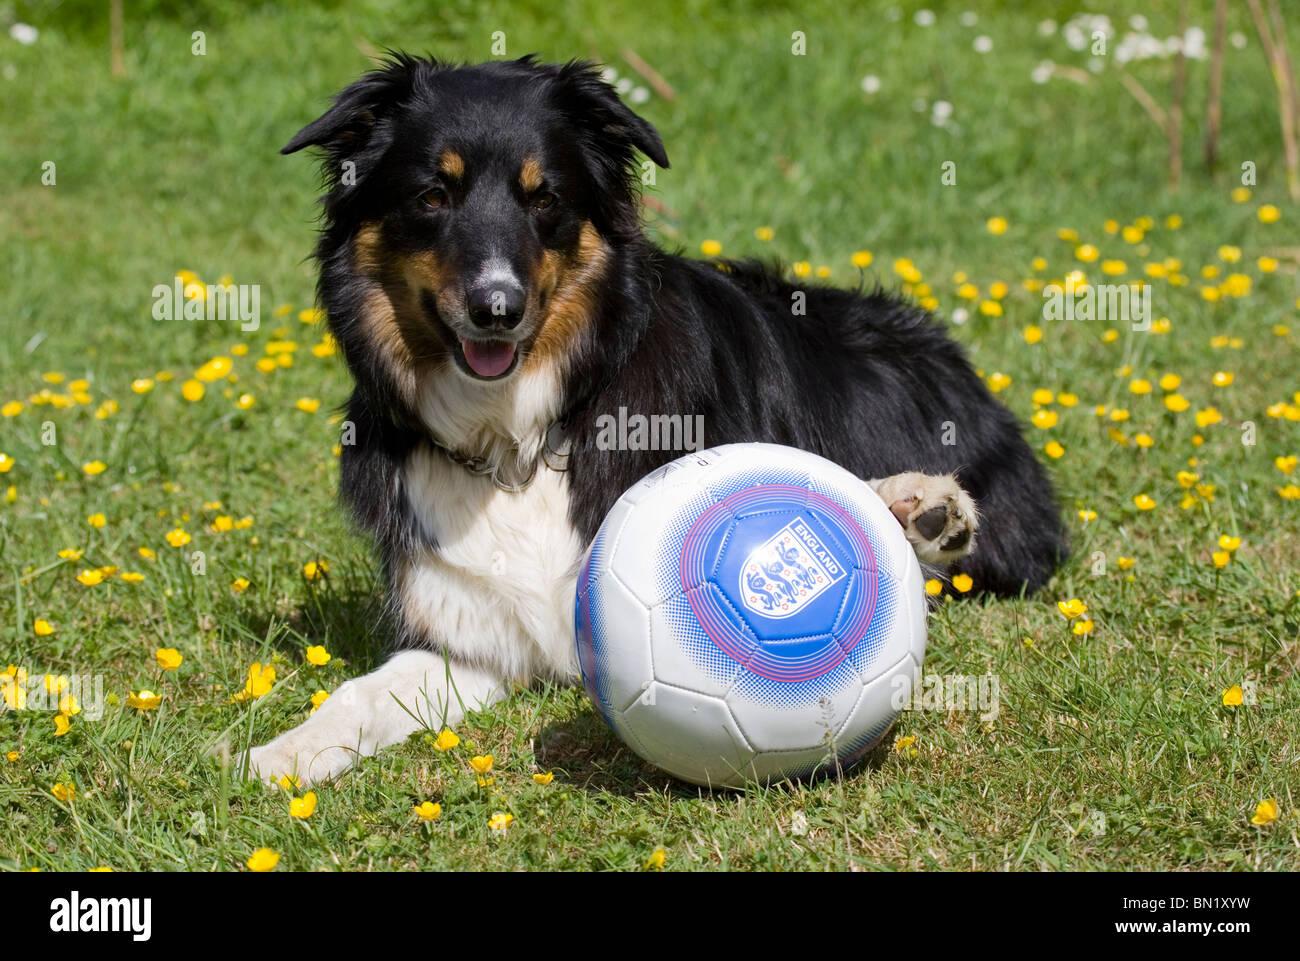 Border Collie Single Adult Male laying with England football Portesham, Dorset, UK - Stock Image